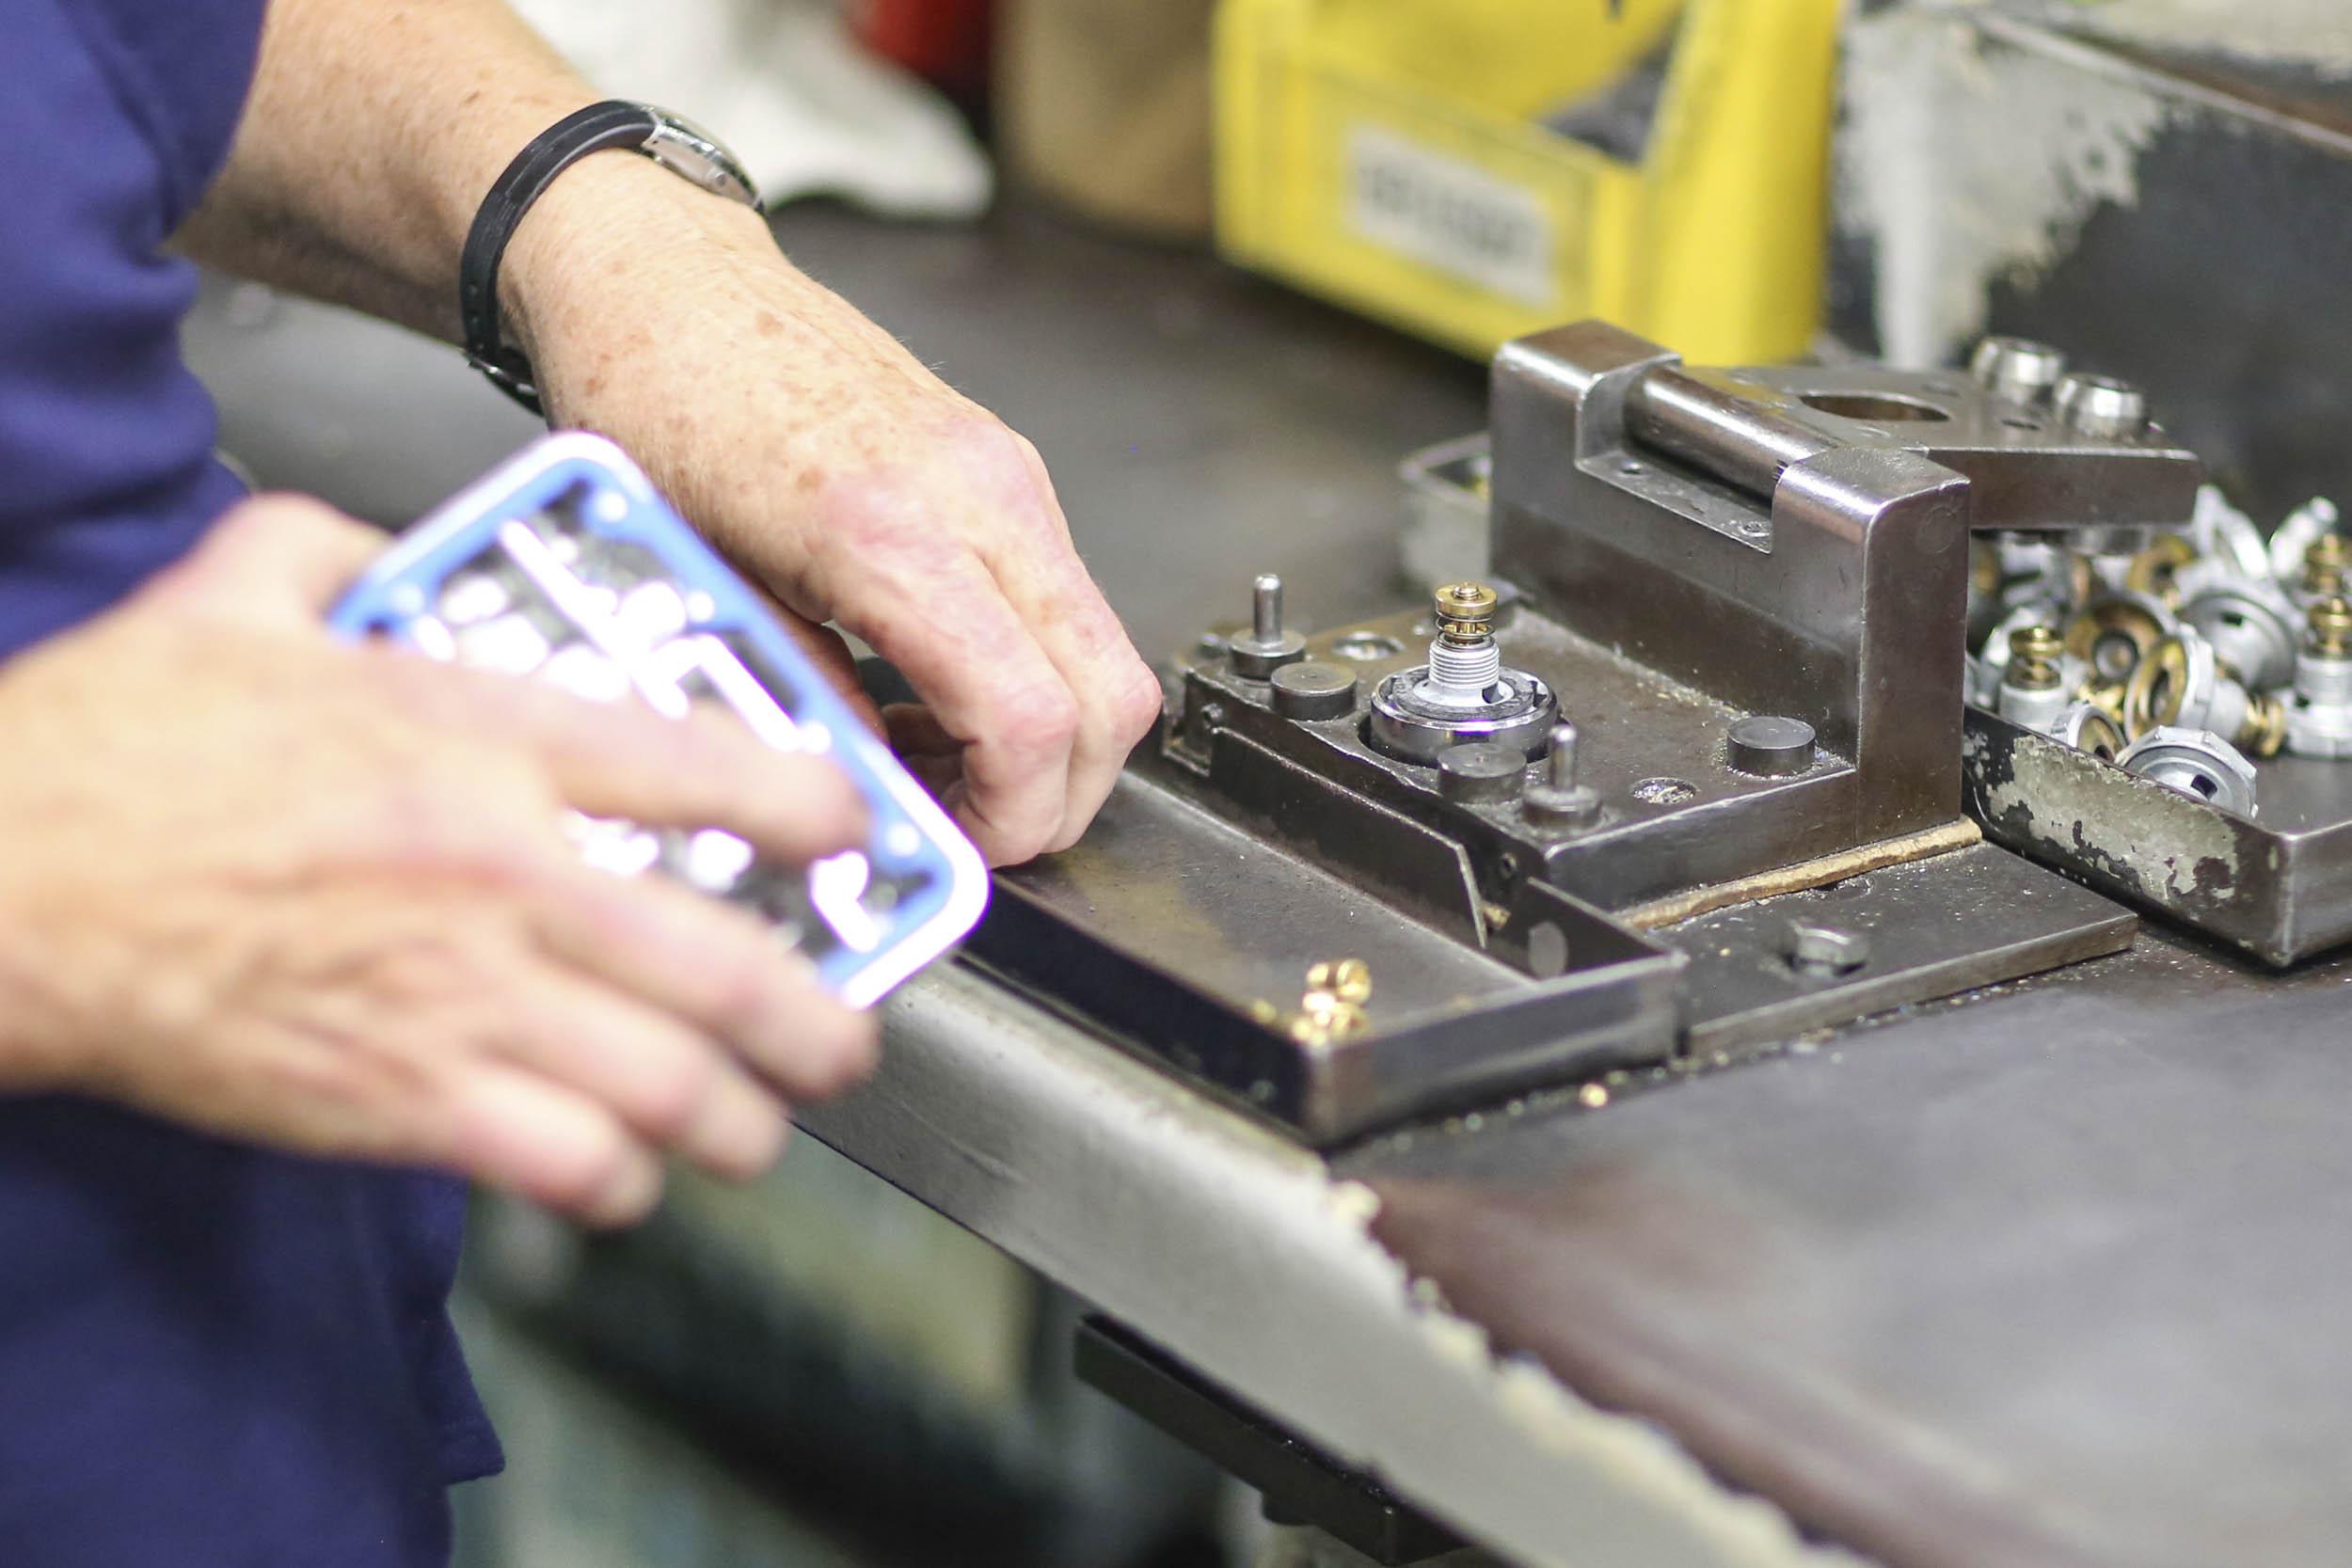 Holley carburetor metering block gets its gaskets